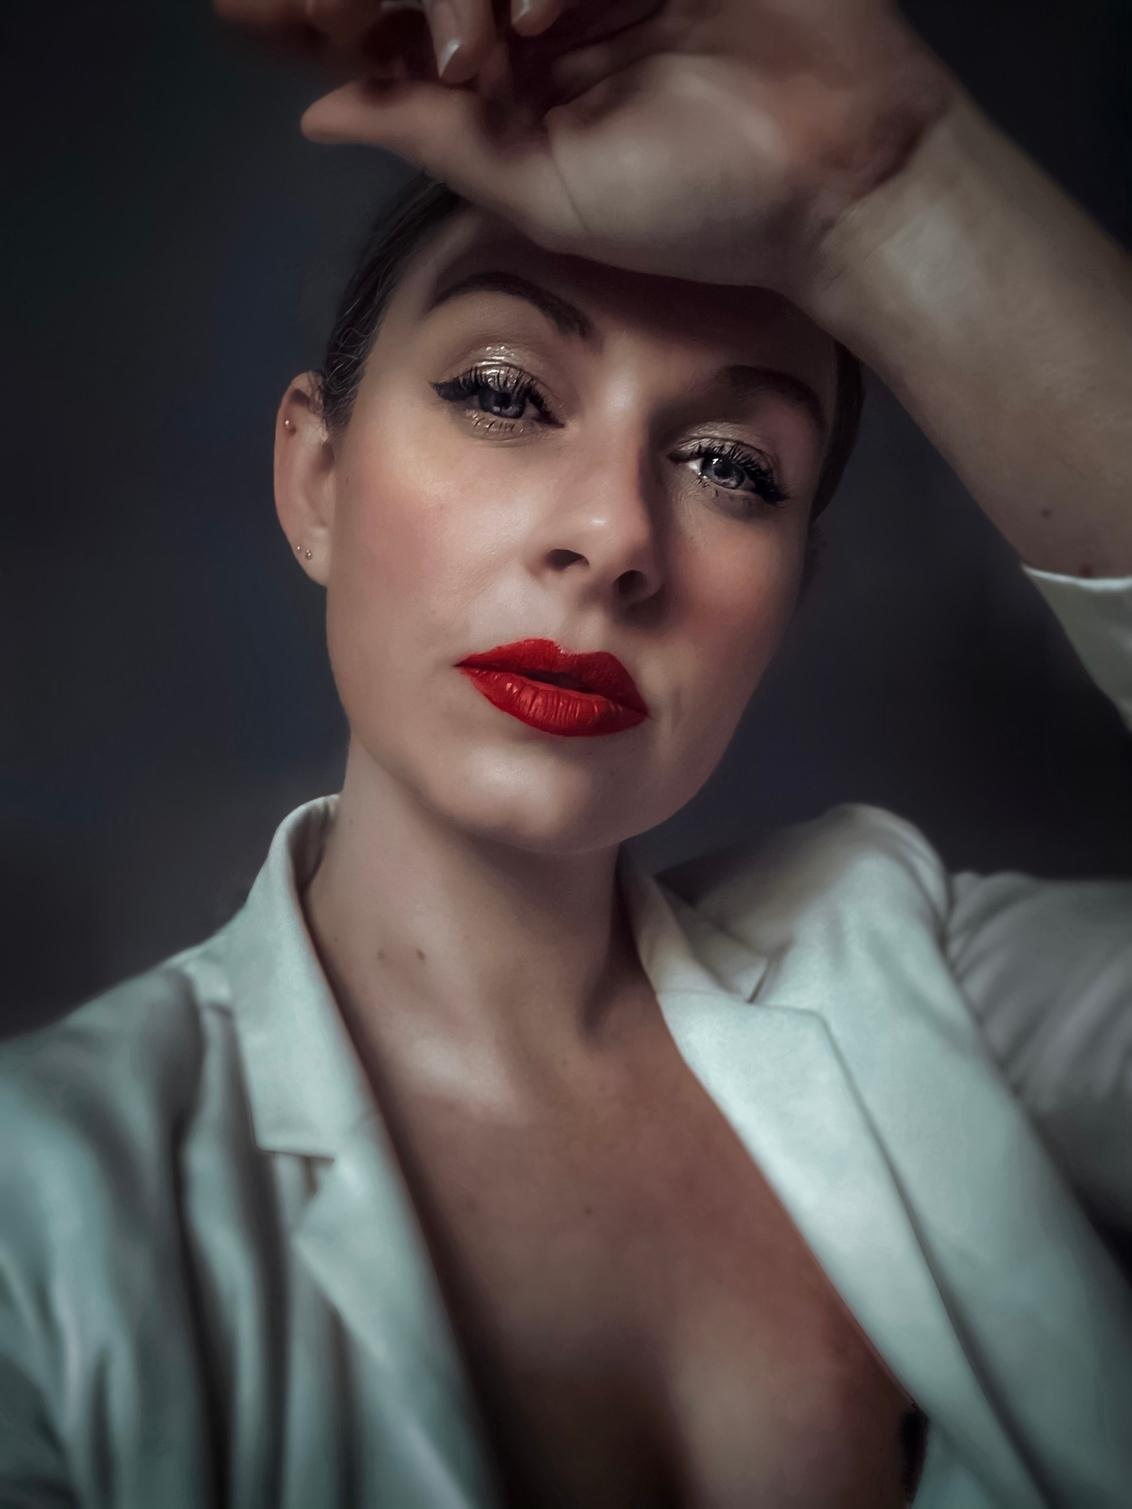 Vandaag is rood - - - foto door Ogenblikfoto op 03-03-2021 - deze foto bevat: vrouw, kleur, licht, portret, schaduw, zelfportret, daglicht, ogen, emotie, blond, lippenstift, Selfie